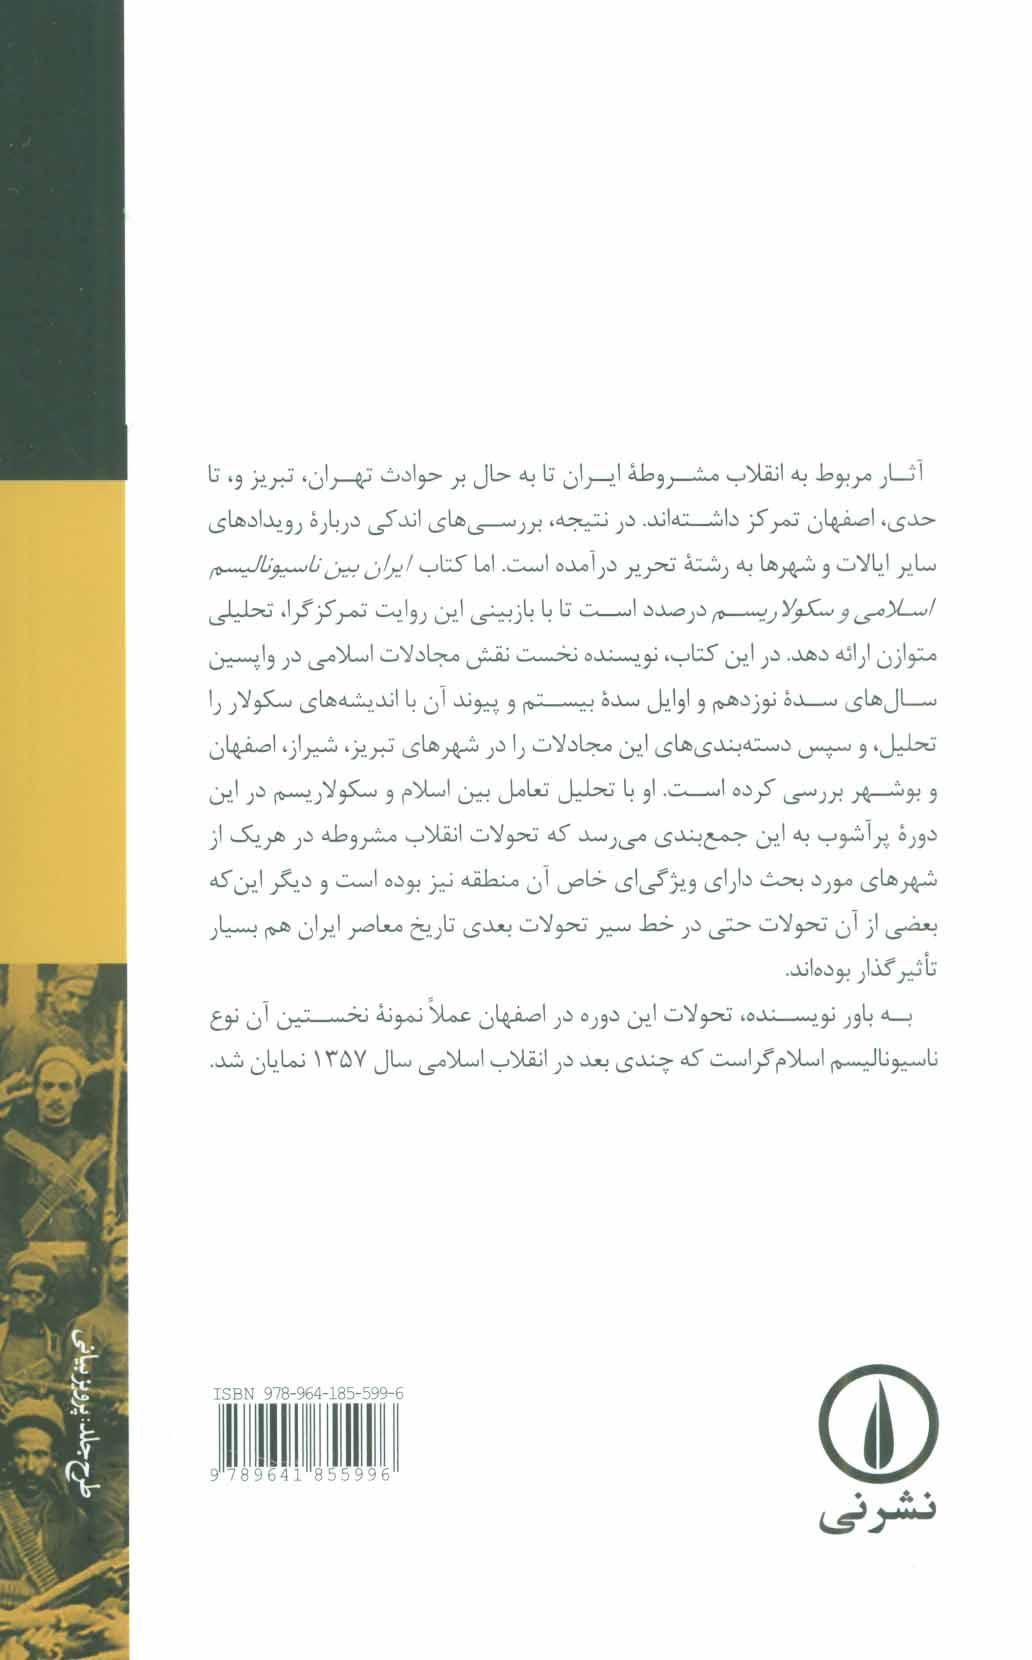 ایران بین ناسیونالیسم اسلامی و سکولاریسم (انقلاب مشروطه 1285)